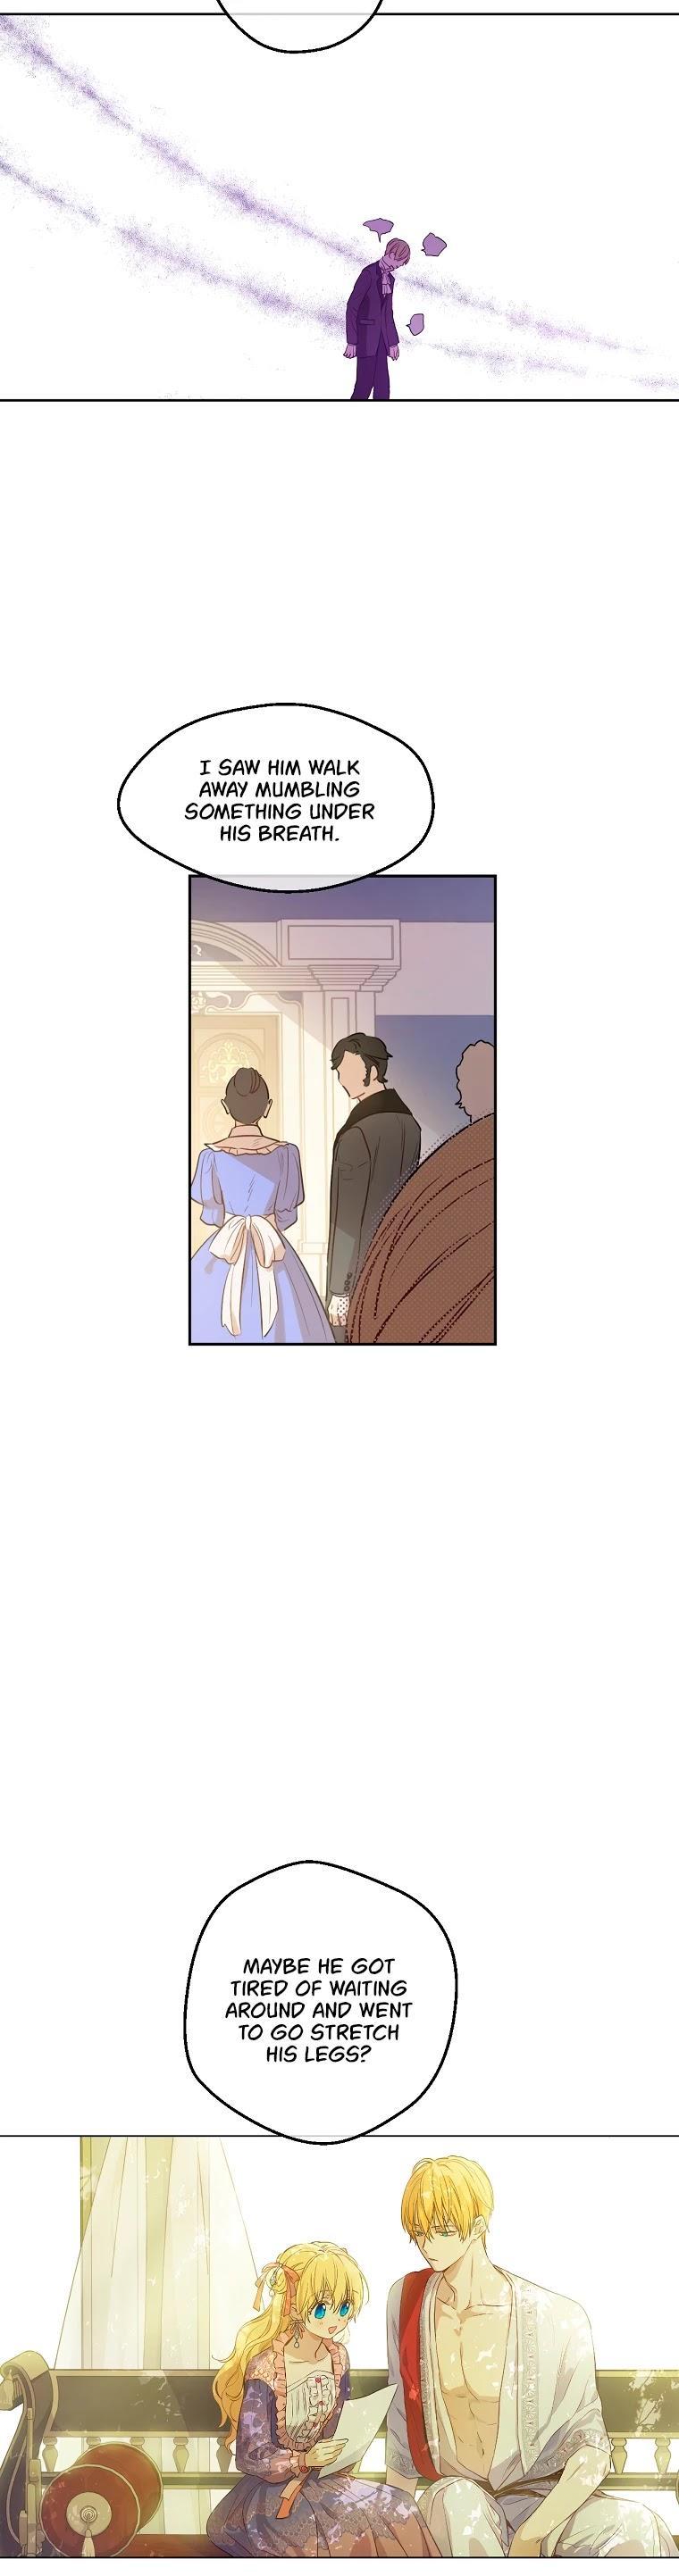 Who Made Me A Princess Chapter 108 page 3 - Mangakakalot